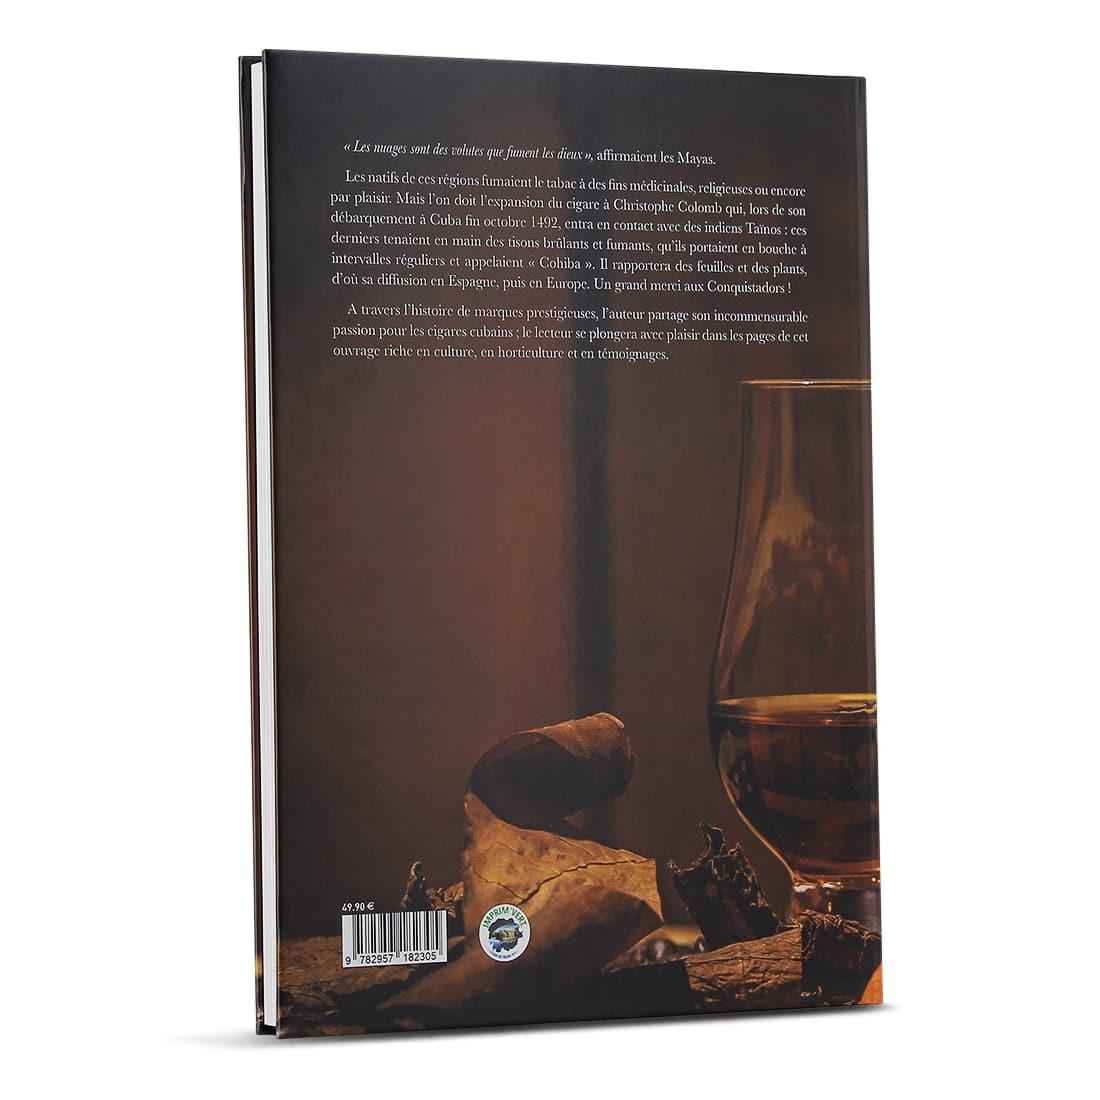 Photo #1 de Livre - Teddy Pecot Les Cigares Cubains Voyage aux 4 coins de l'He